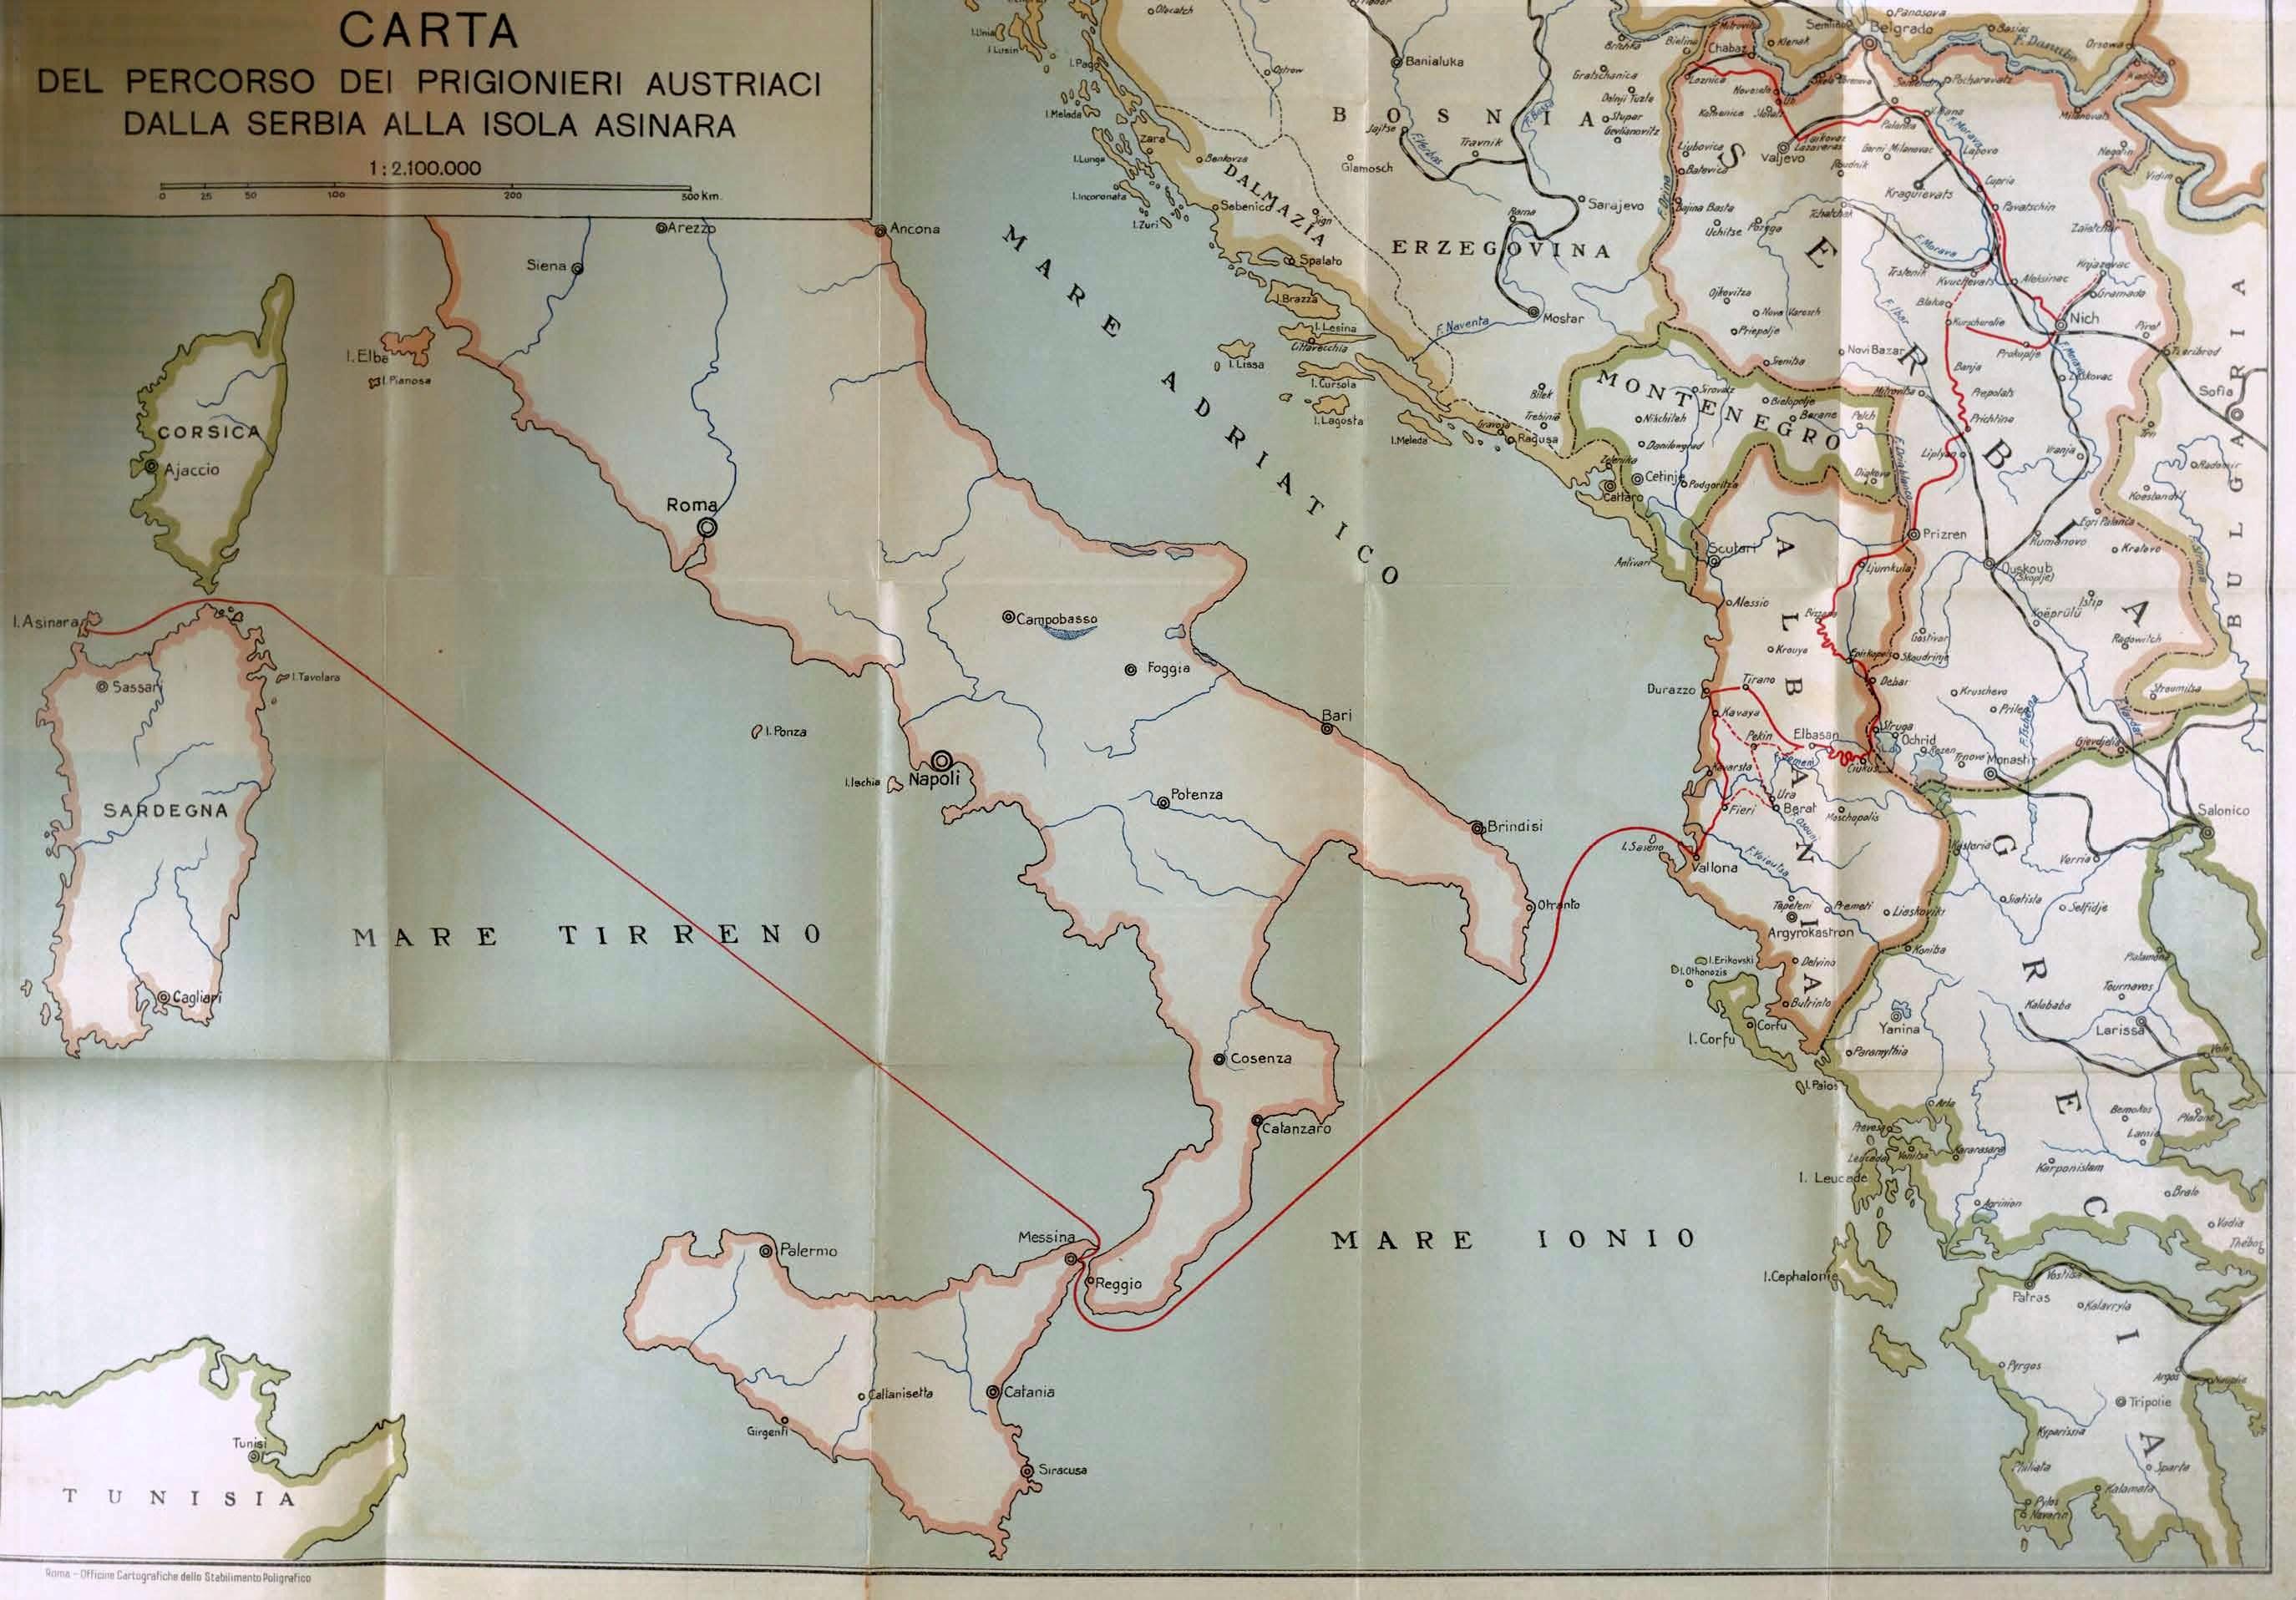 """Cent'anni dalla Prima Guerra mondiale – """"I dannati dell'Asinara"""", percorso bibliografico attraverso """"l'altra faccia della guerra"""""""